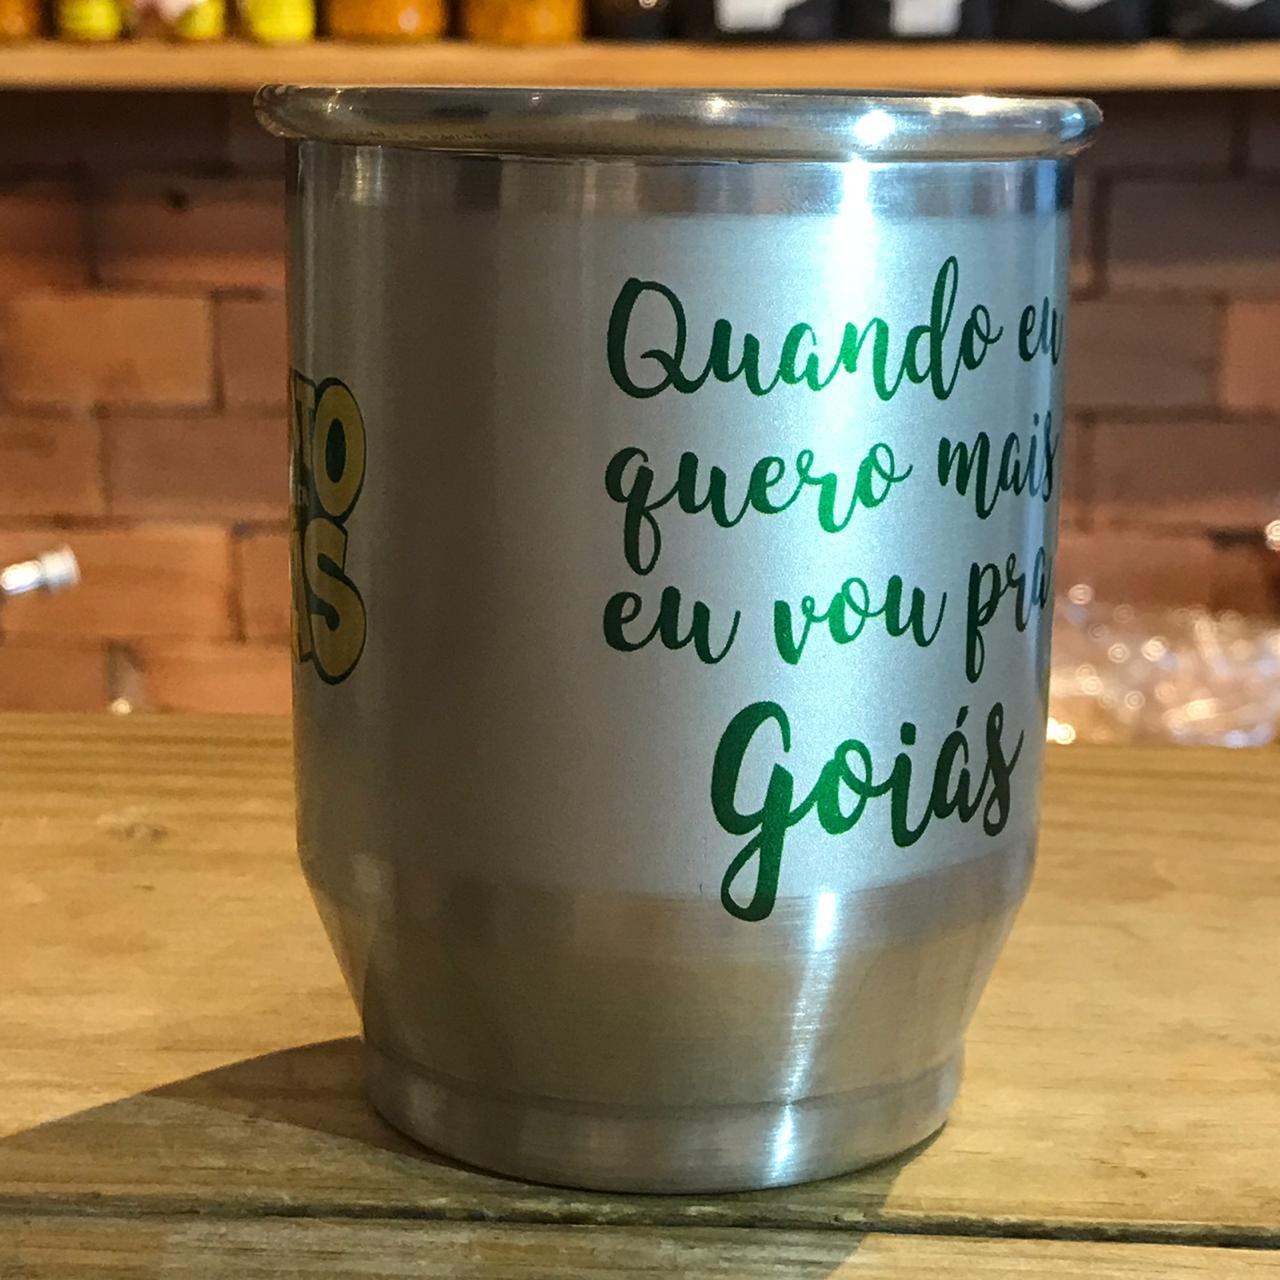 Caneca de alumínio Quando eu quero mais eu vou pra Goiás